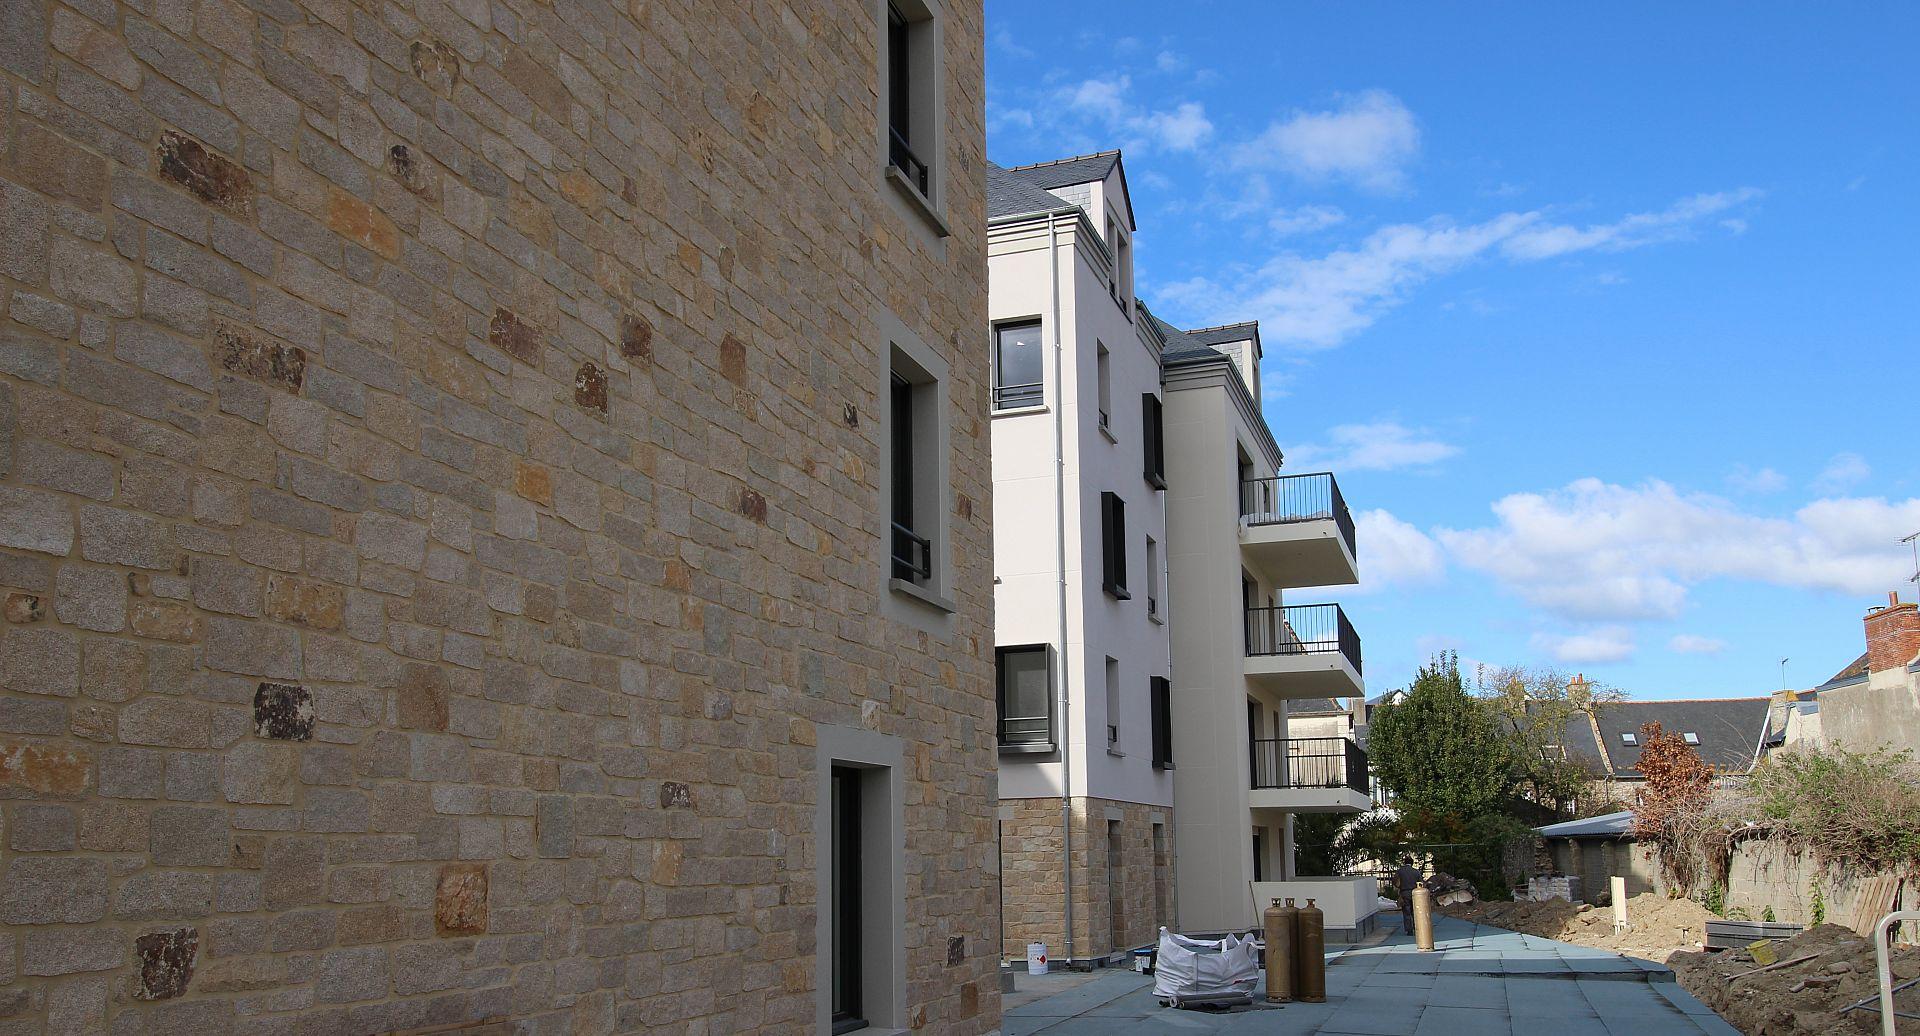 achat appartement neuf saint malo programme neuf le clos des regatiers bati armor. Black Bedroom Furniture Sets. Home Design Ideas